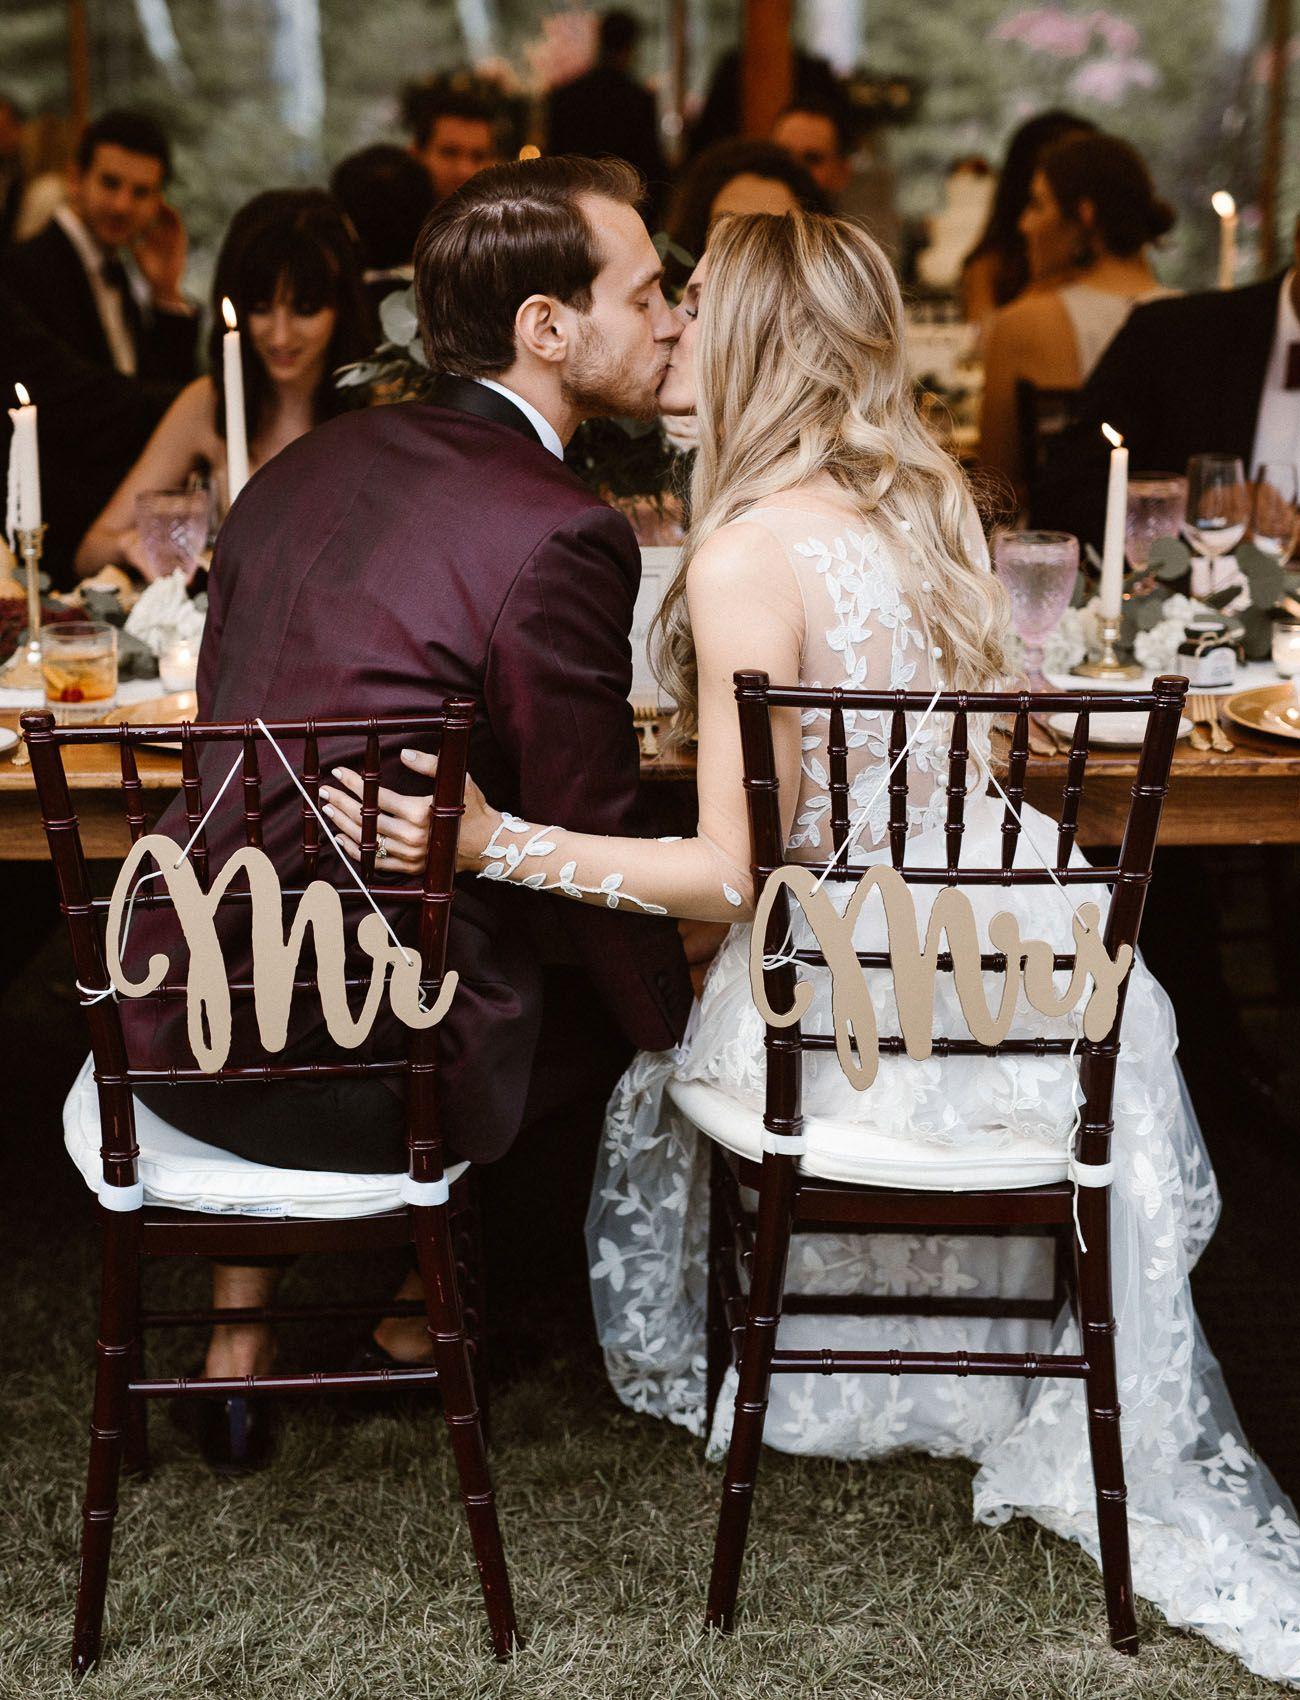 c2127b0d4be Rustic Elegance  A Black Tie Wedding in the Woods